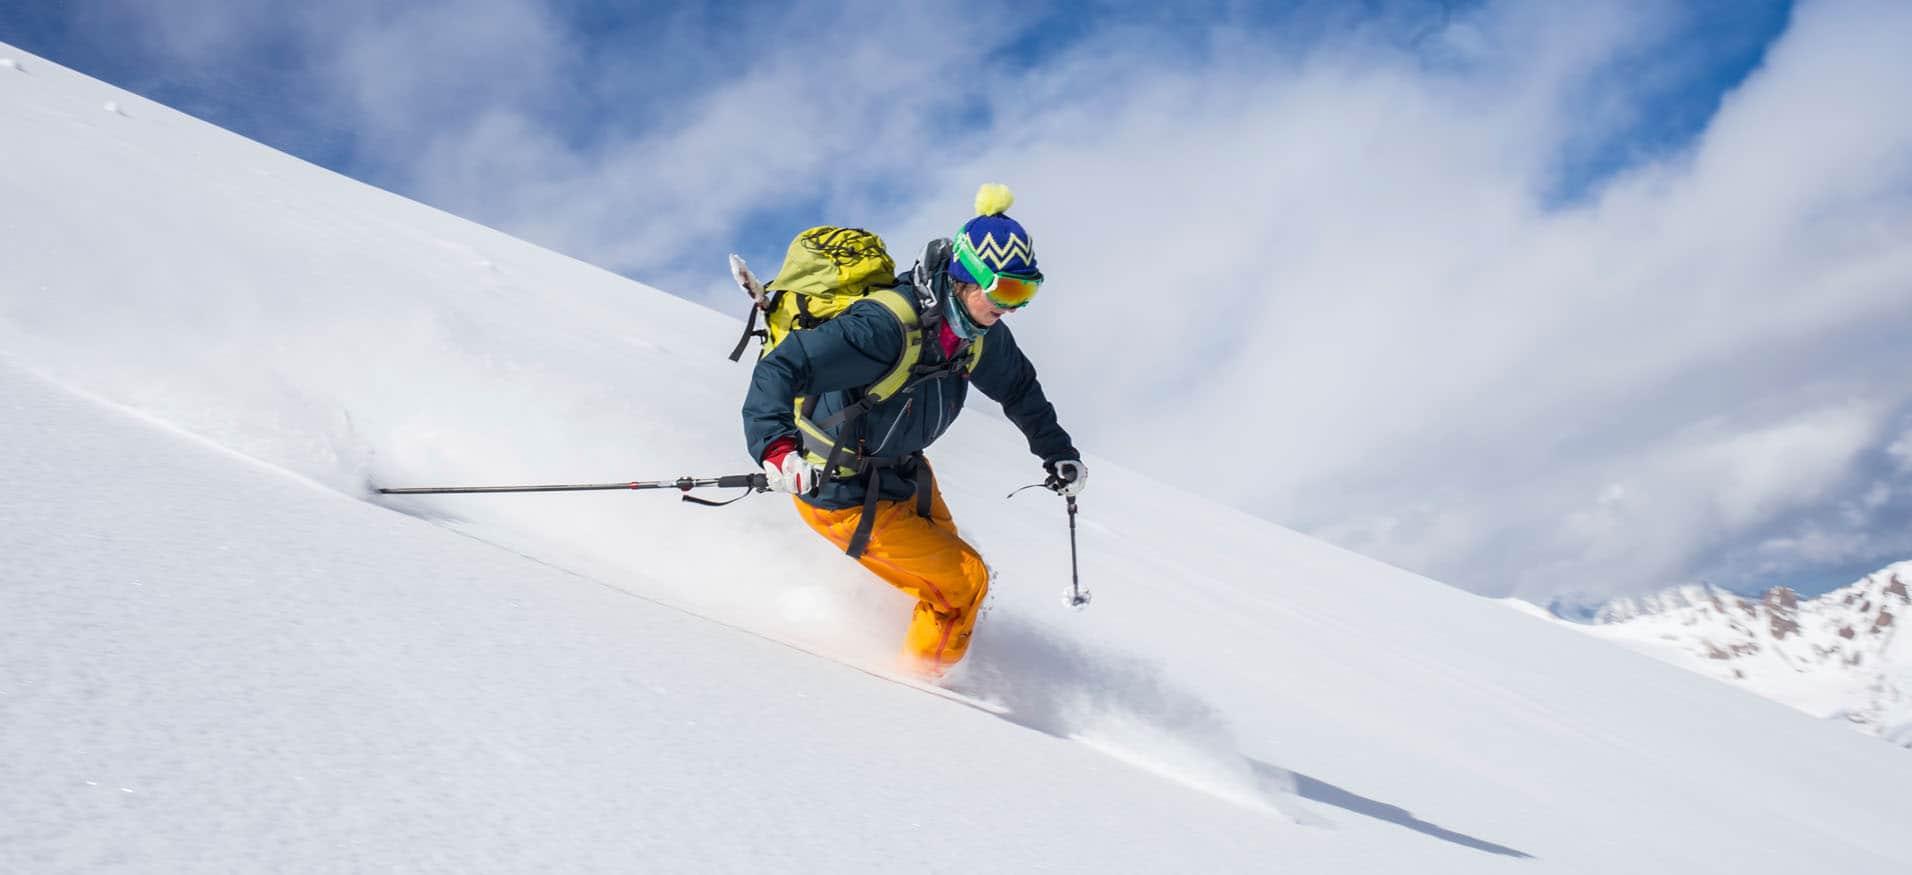 Easter Ski Hotel Holiday Offer